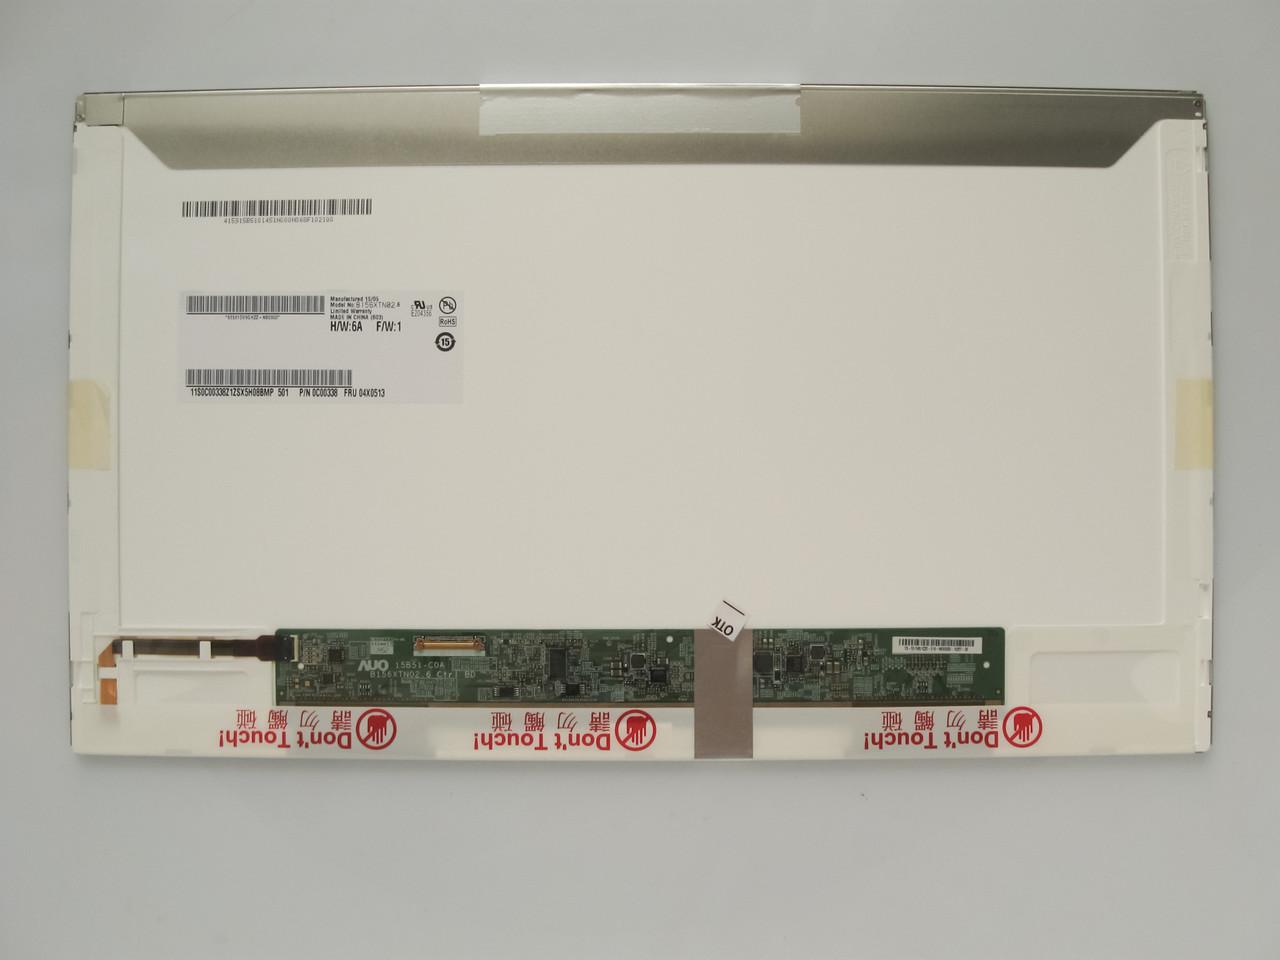 Матрица для ноутбука 15,6 led normal 1366x768 30pin lvds разъем слева внизу (со стороны платы) B156XTN02.6 нов уценка